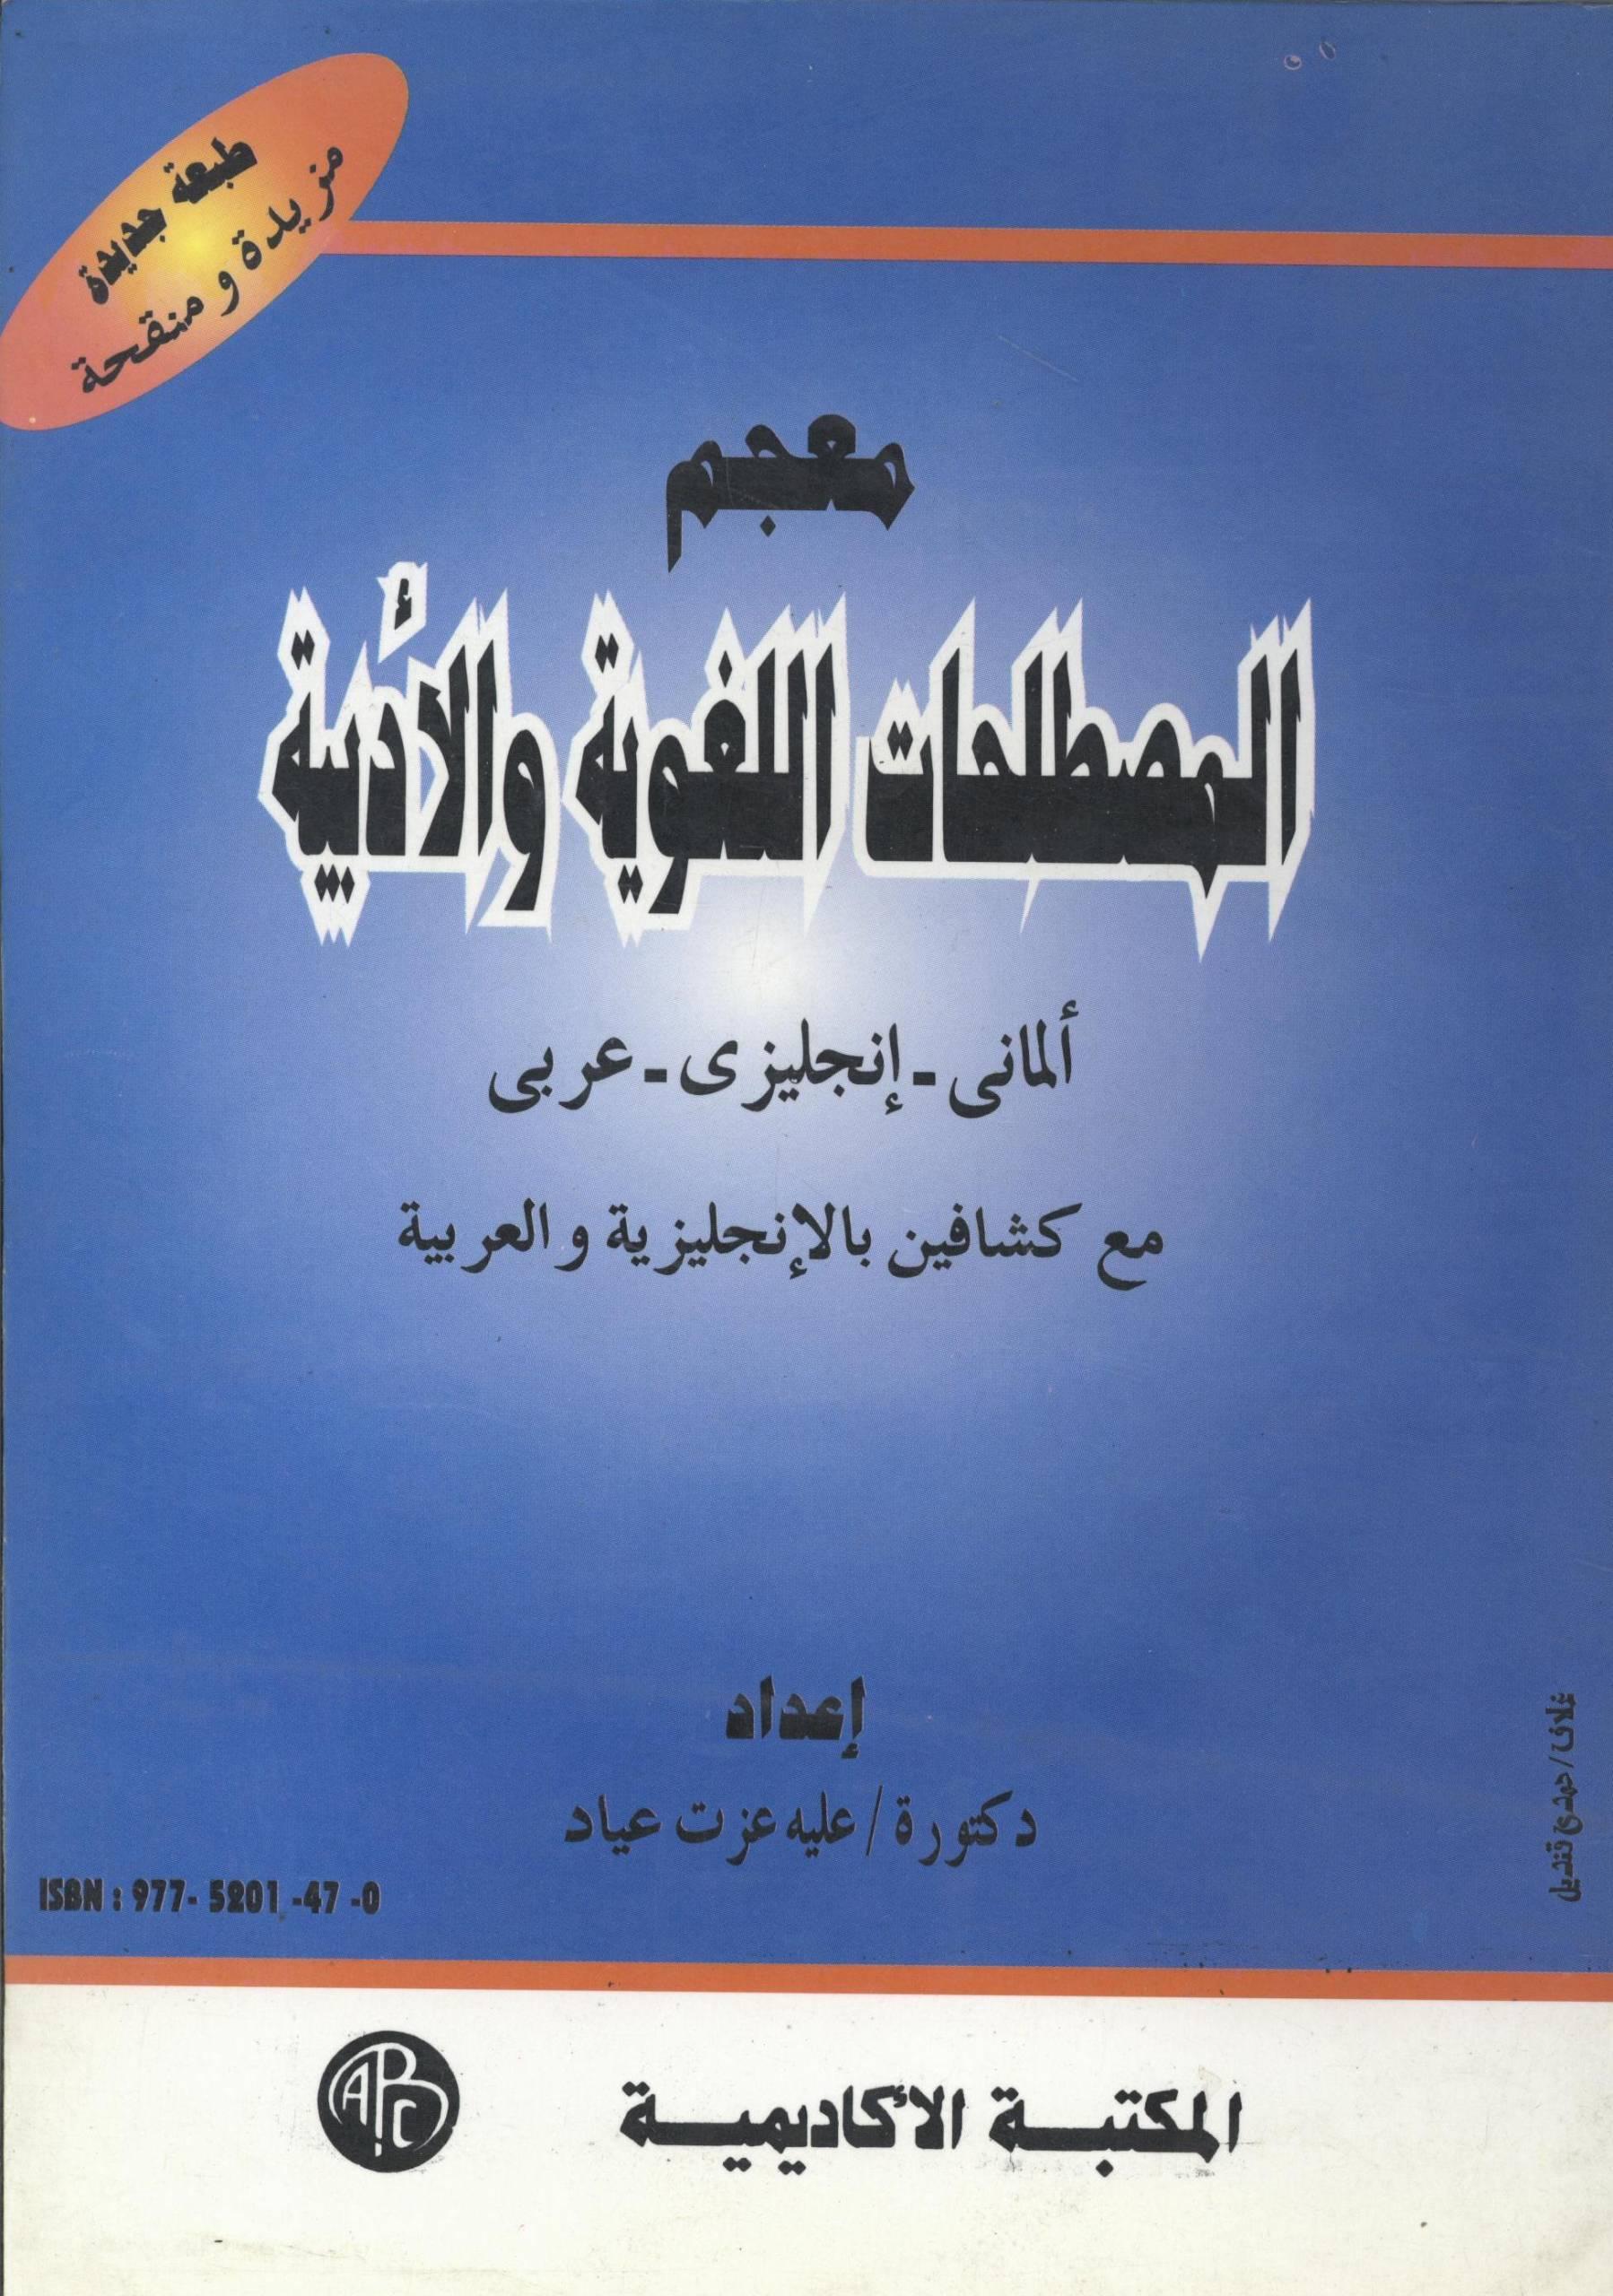 معجم المصطلحات اللغوية و الأدبية